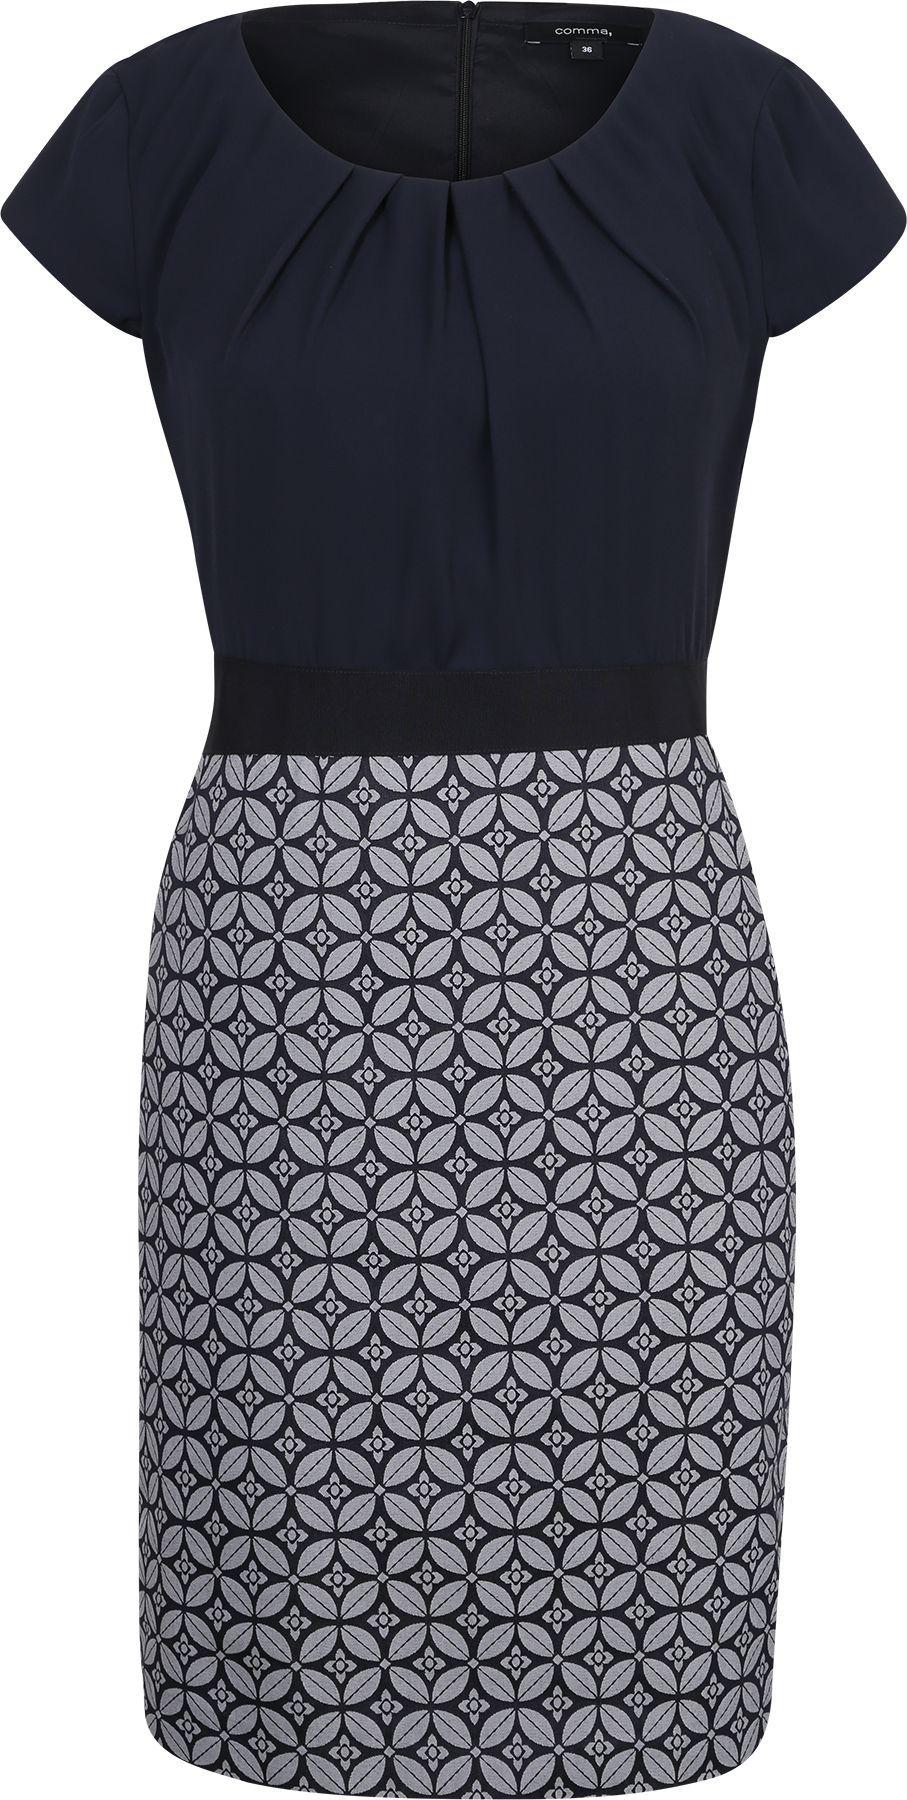 Kleid Mit Gemustertem Rockteil Kleider Kleid Arbeit Mode